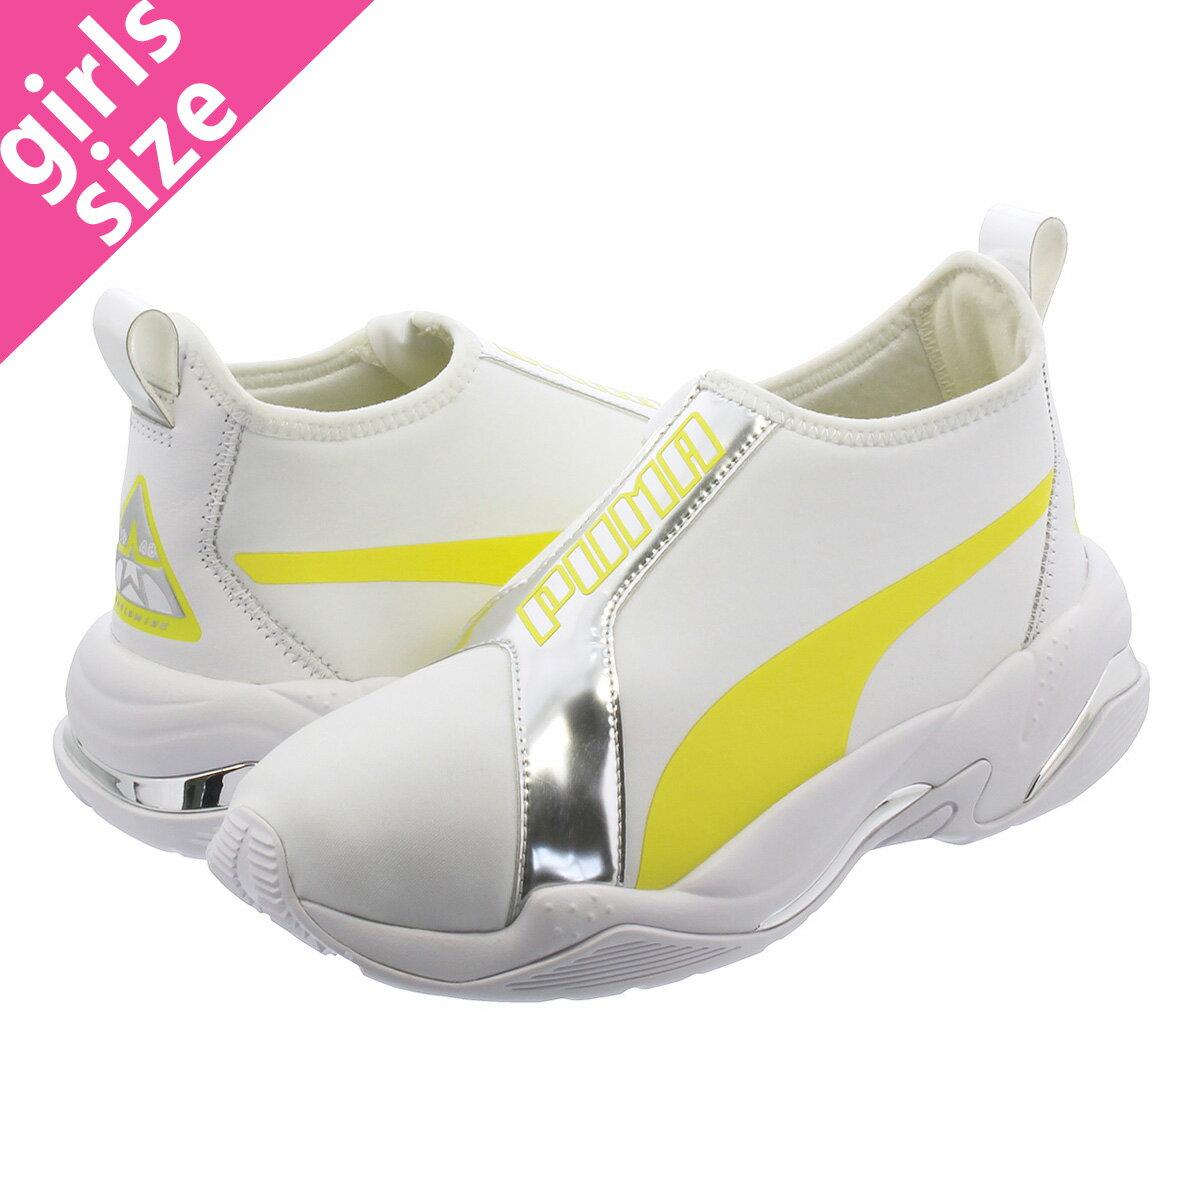 レディース靴, スニーカー  PUMA THUNDER TZ METALIC WMNS TZ WHITEBLAZING YELLOW 369488-01